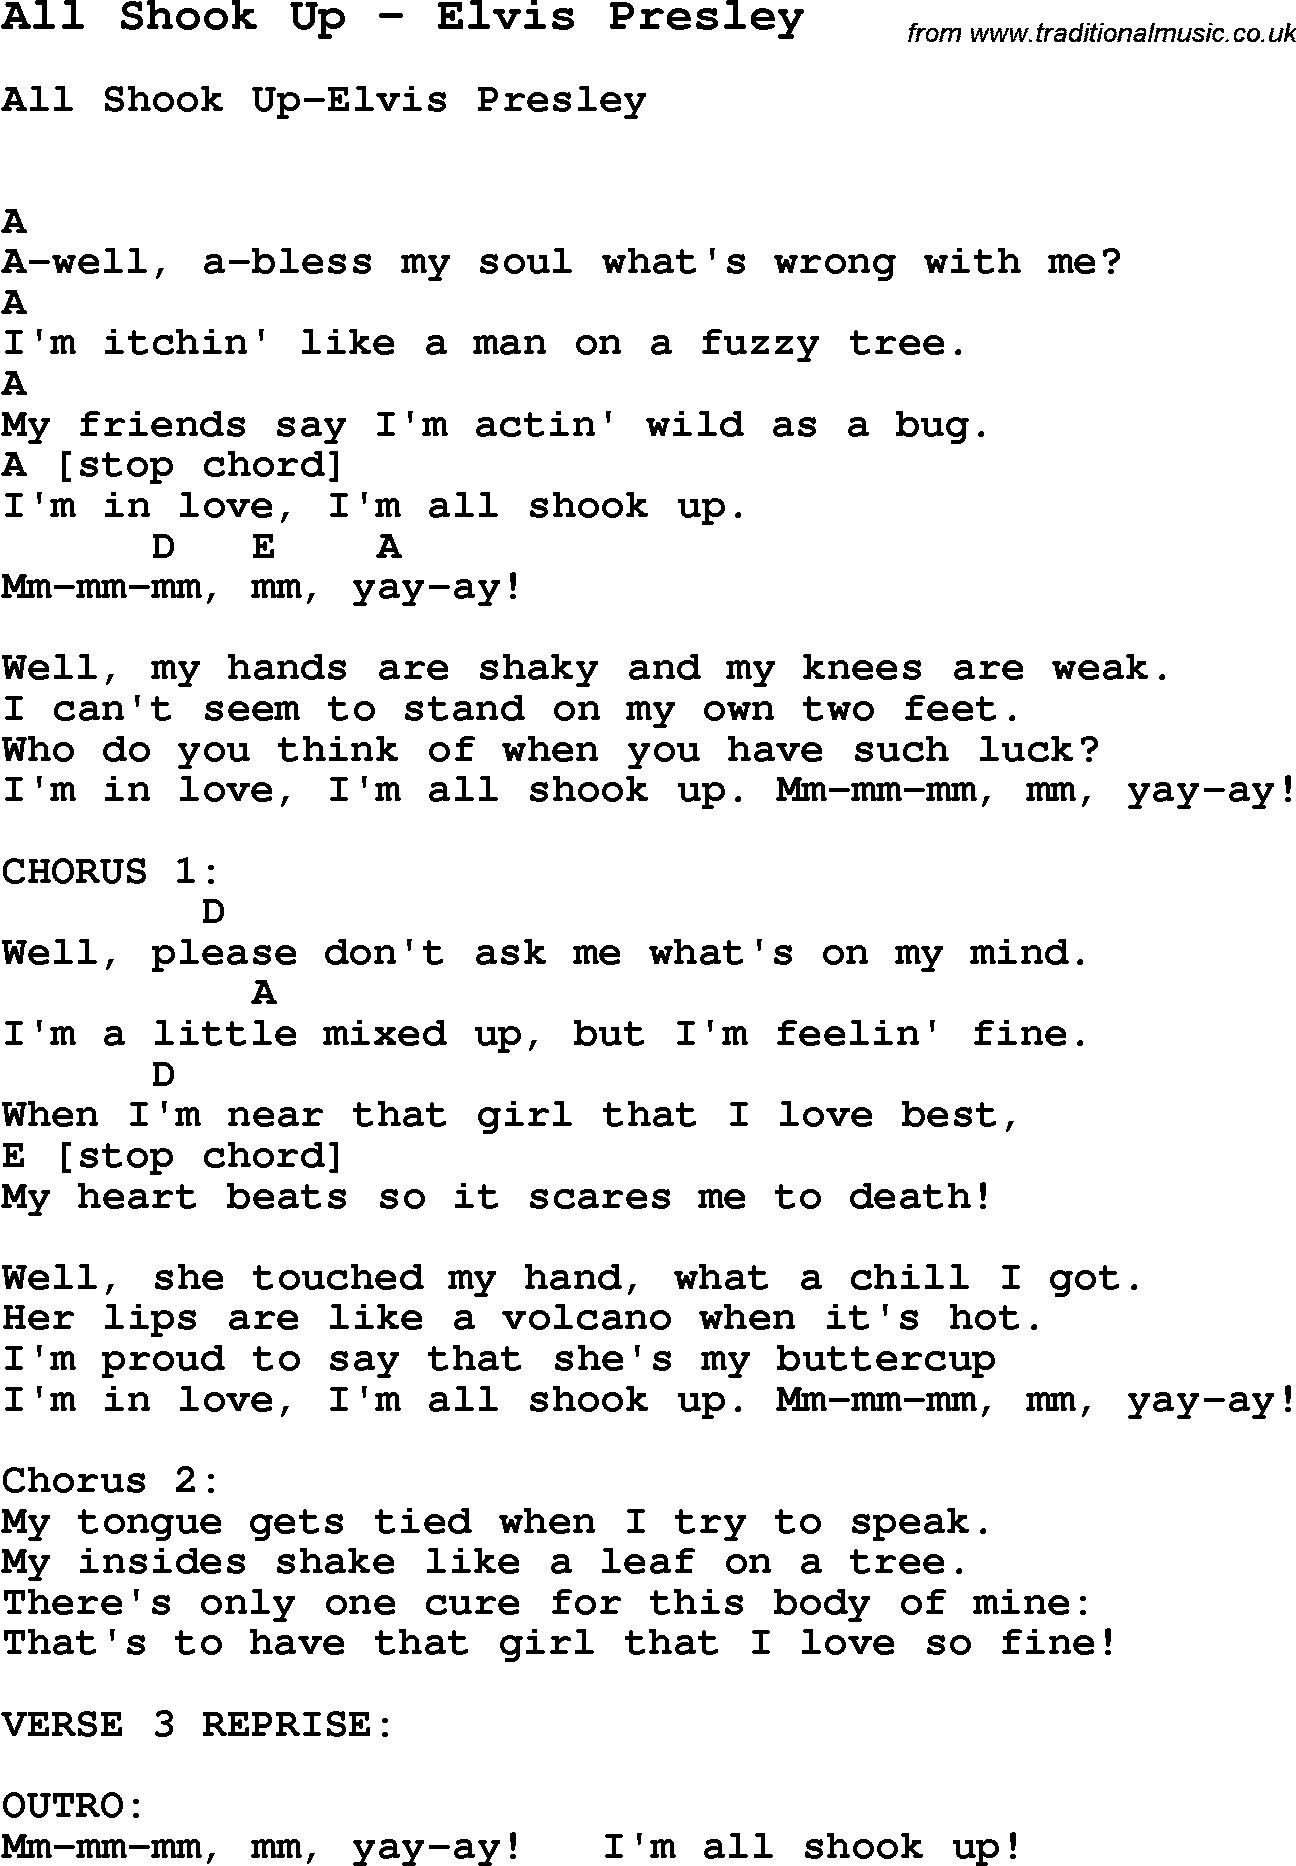 All Shook Up Elvis Presley Png 1296 1866 Ukulele Tabs Songs Ukelele Songs Easy Ukulele Songs